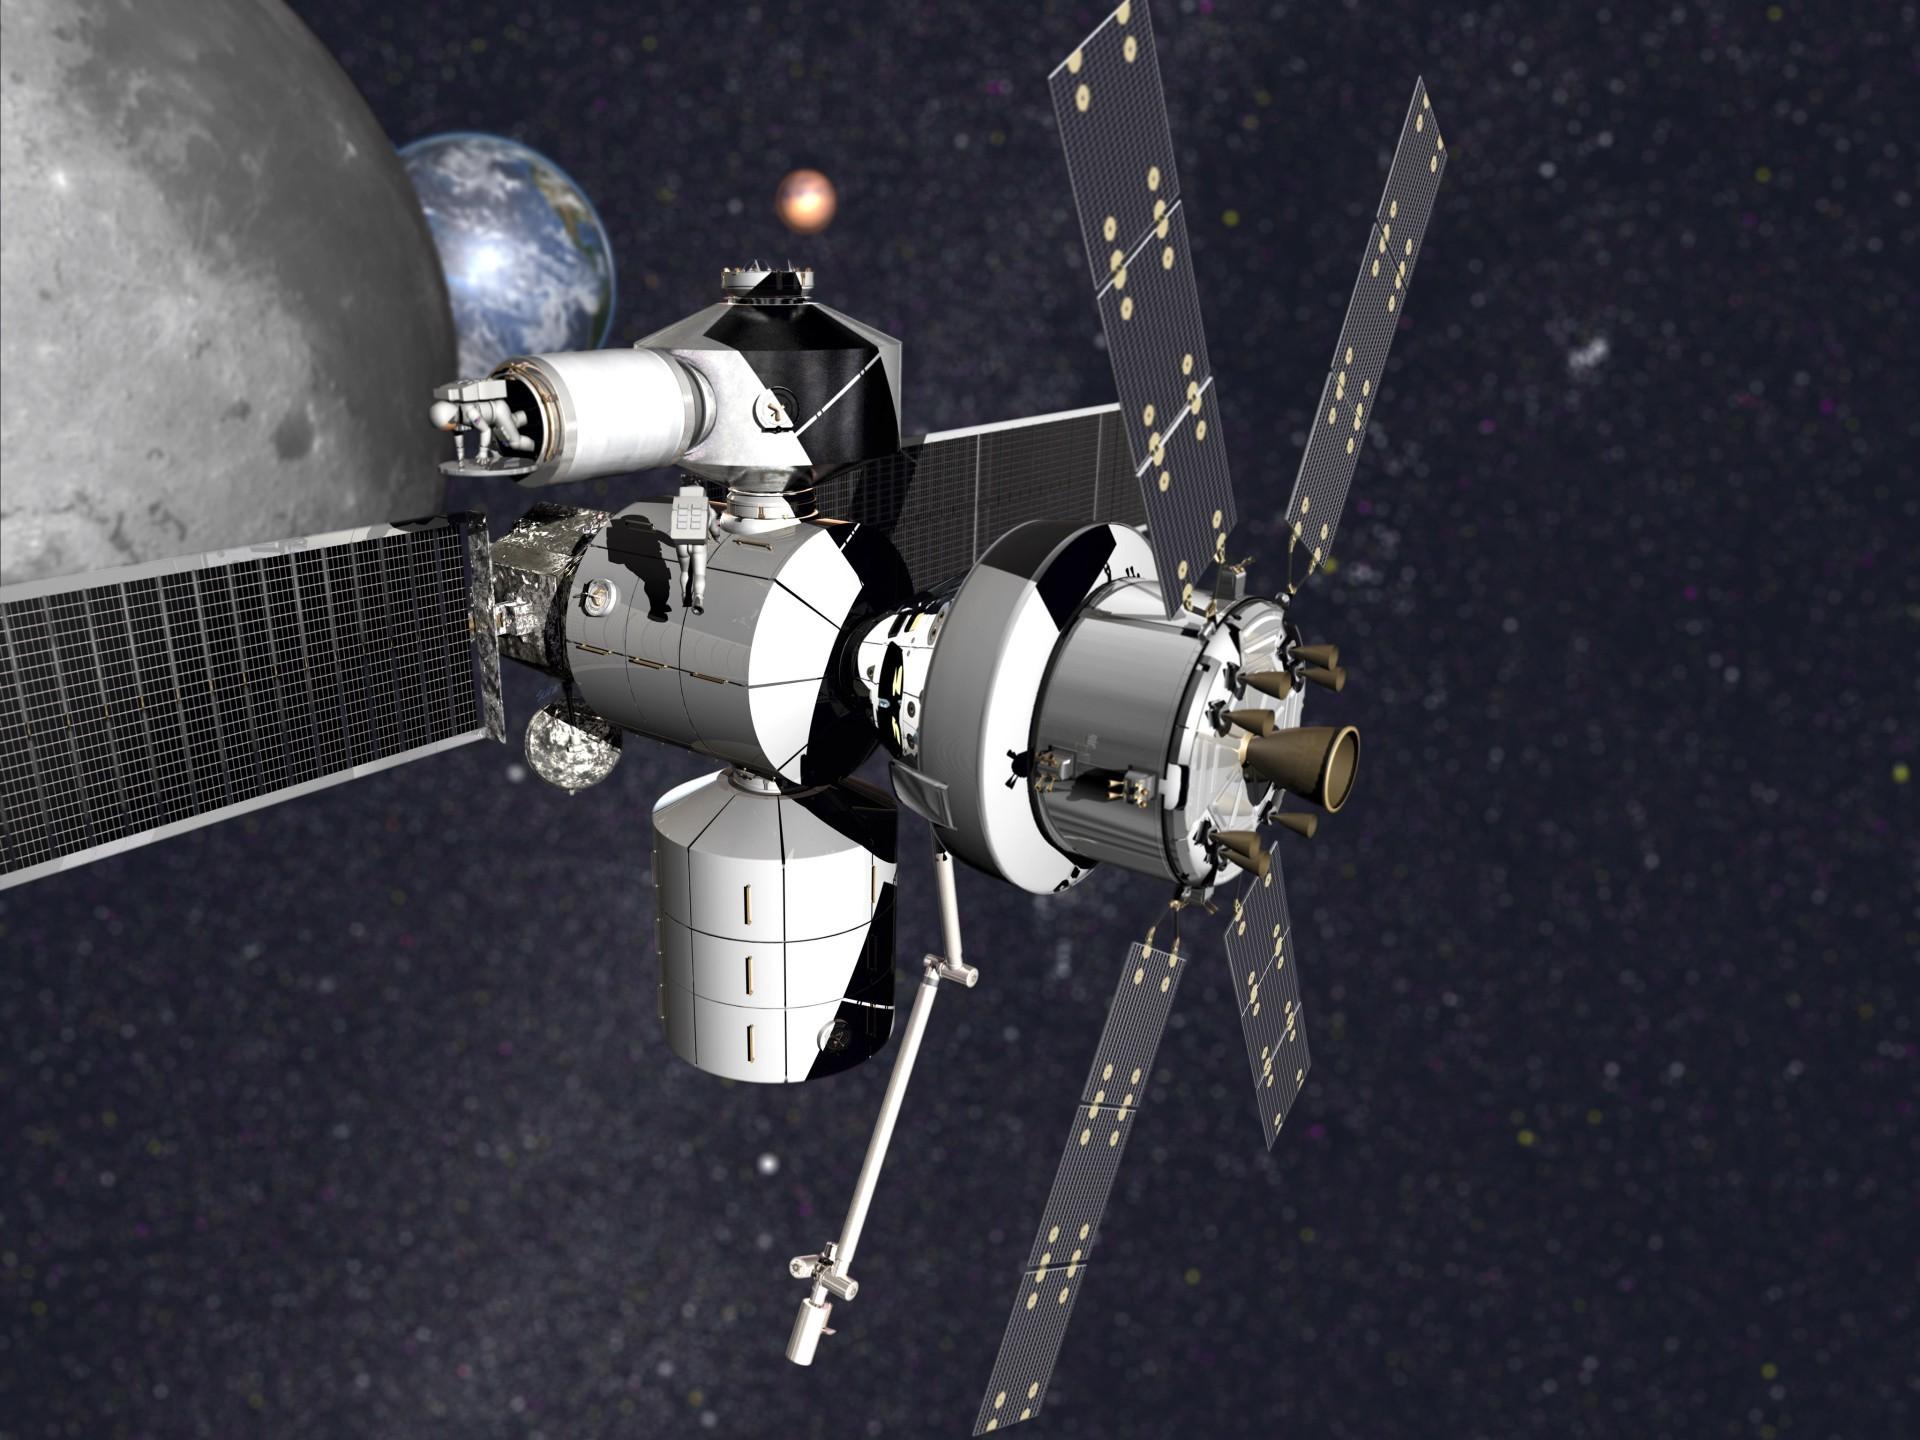 НАСА выбрало подрядчиков для разработки жилья в дальнем космосе - 5